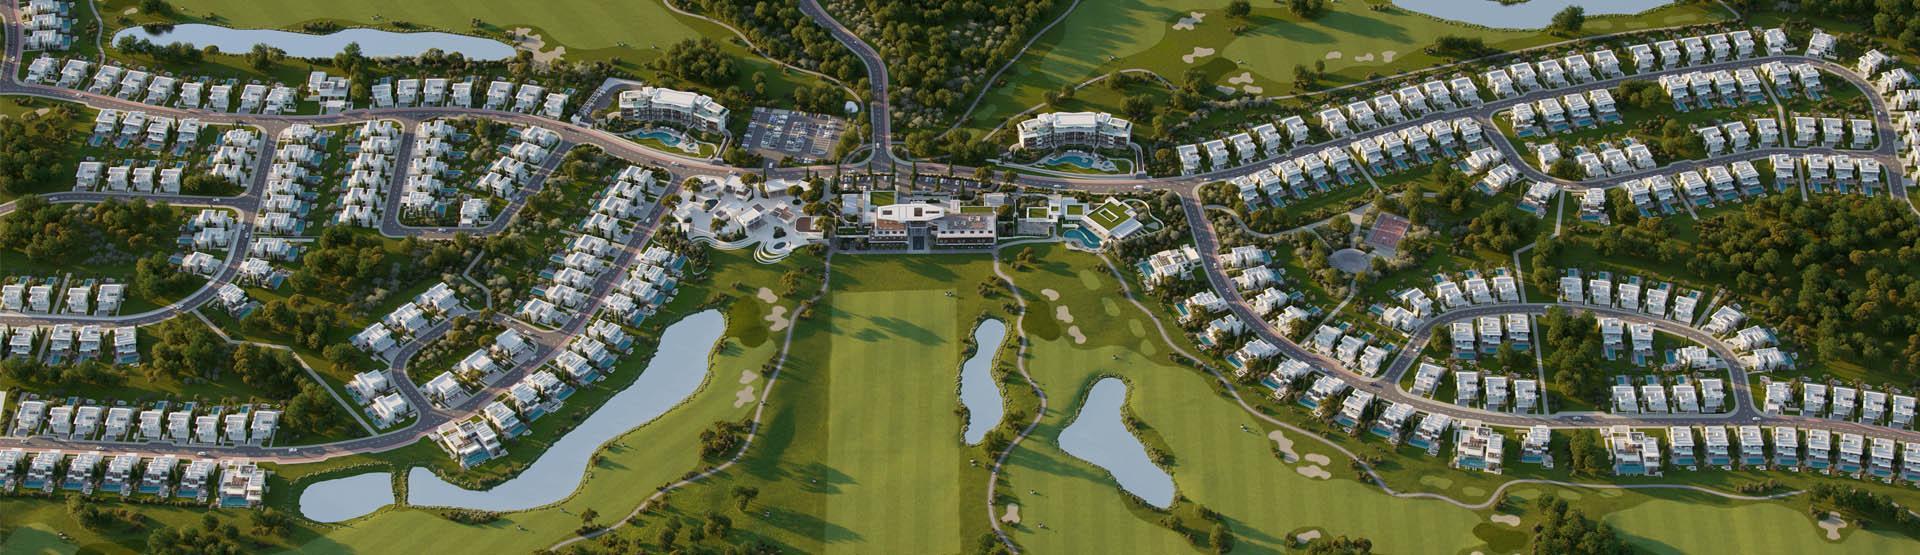 Виллы, гольф и море: в Лимассоле началось строительство комплекса Limassol Greens